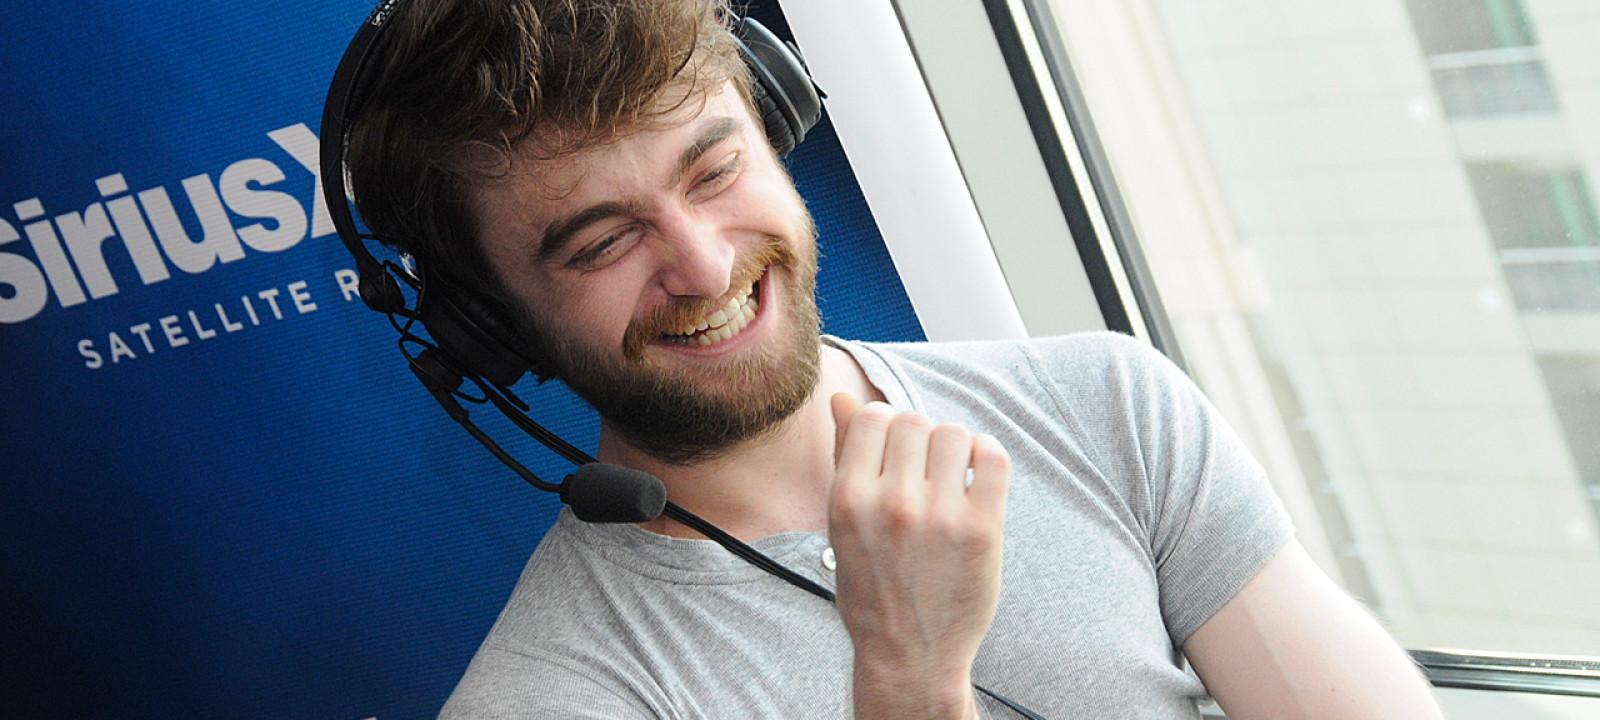 Daniel Radcliffe (Pic: Vivien Killilea/Getty Images)